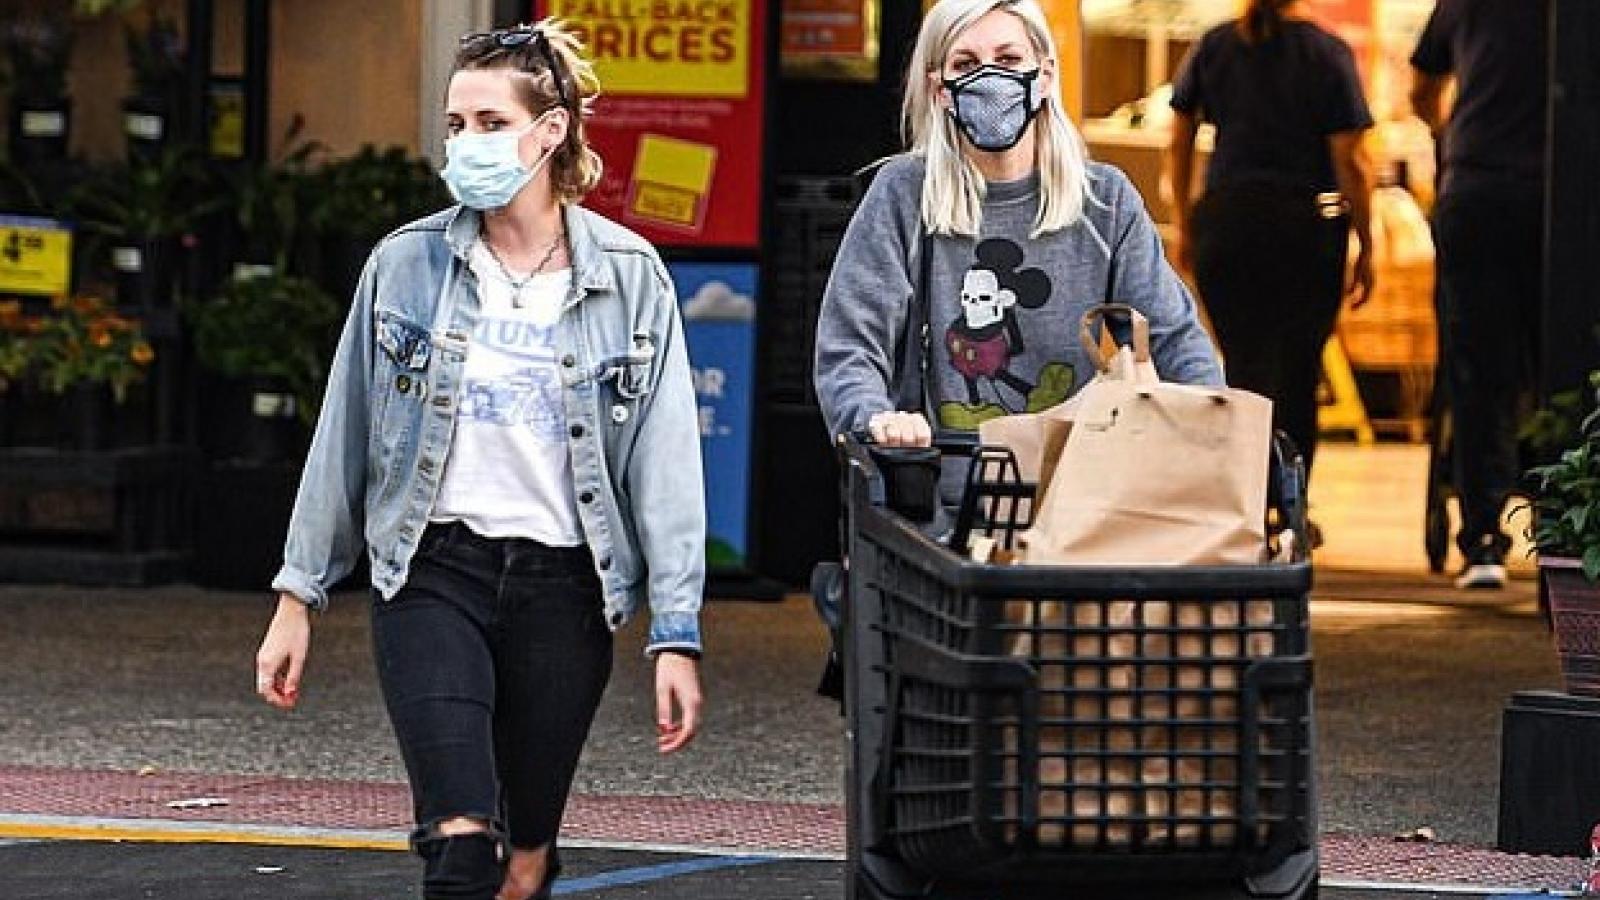 Kristen Stewart mặc đồ cá tính đi mua sắm cùng người yêu đồng giới